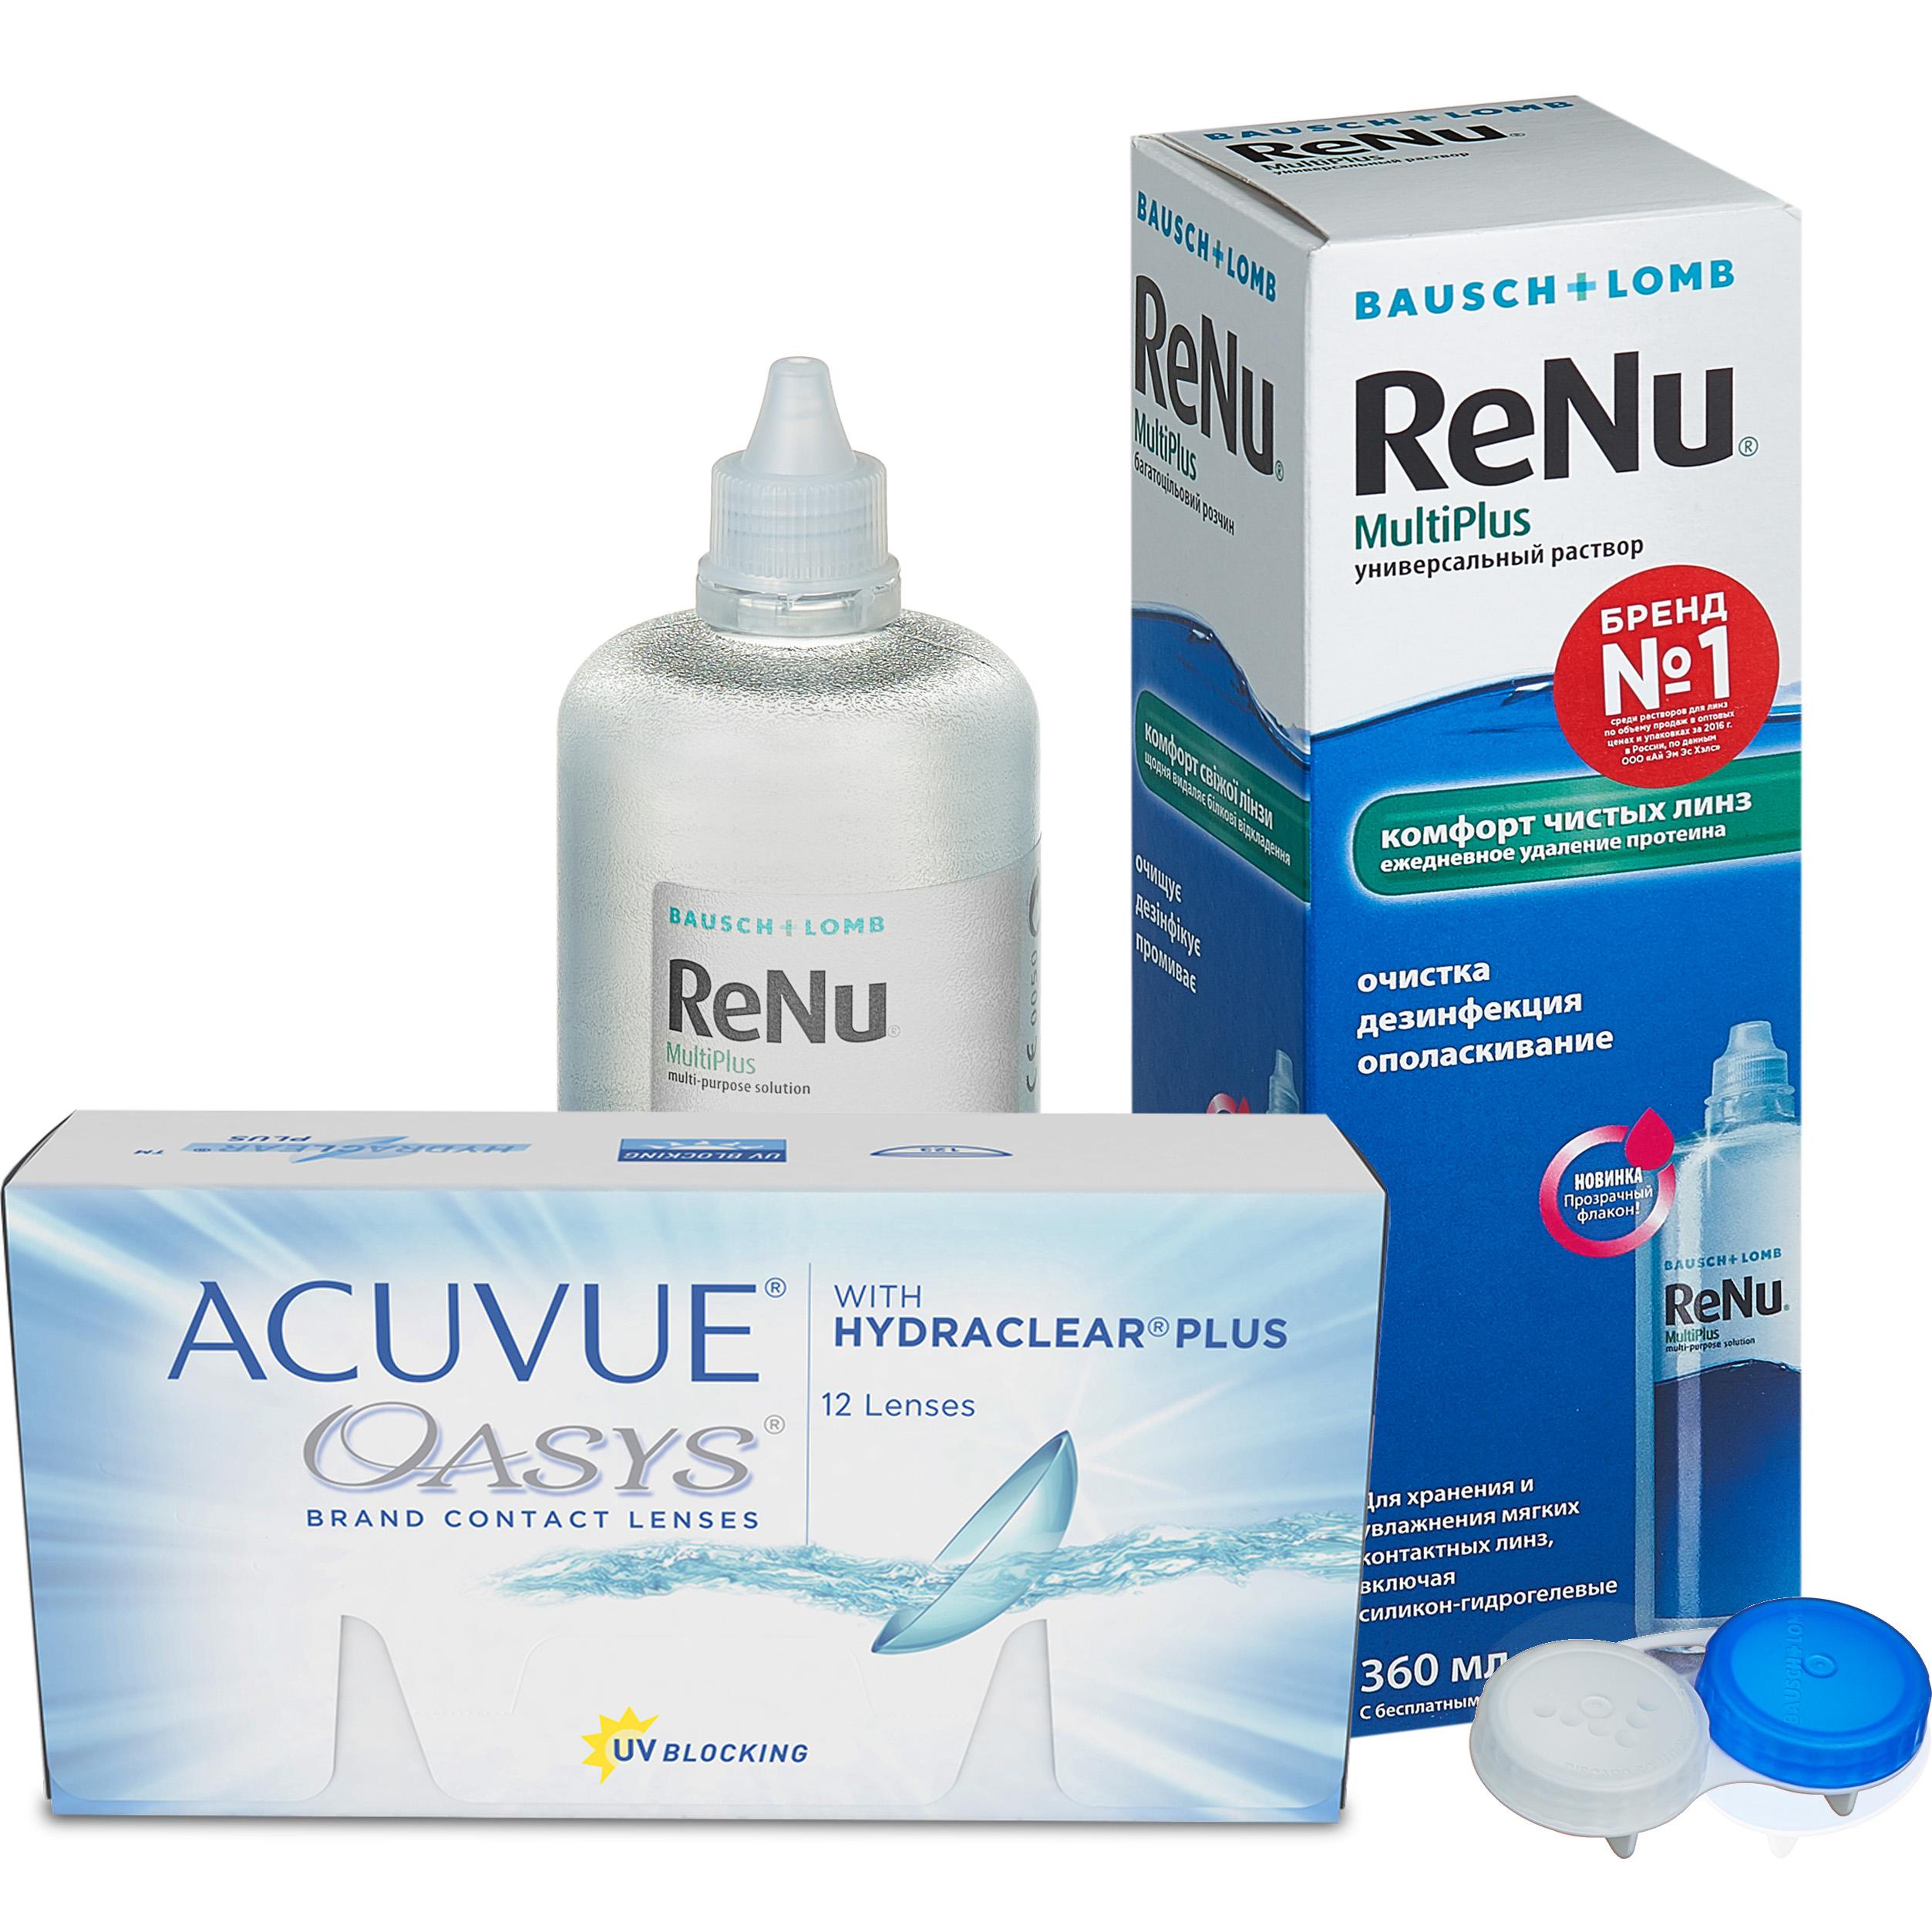 Купить Oasys with Hydraclear Plus 12 линз + ReNu MultiPlus, Линзы Acuvue Oasys with Hydraclear Plus 12 линз R 8.4 +1, 25 + ReNu Multi Plus 360 мл